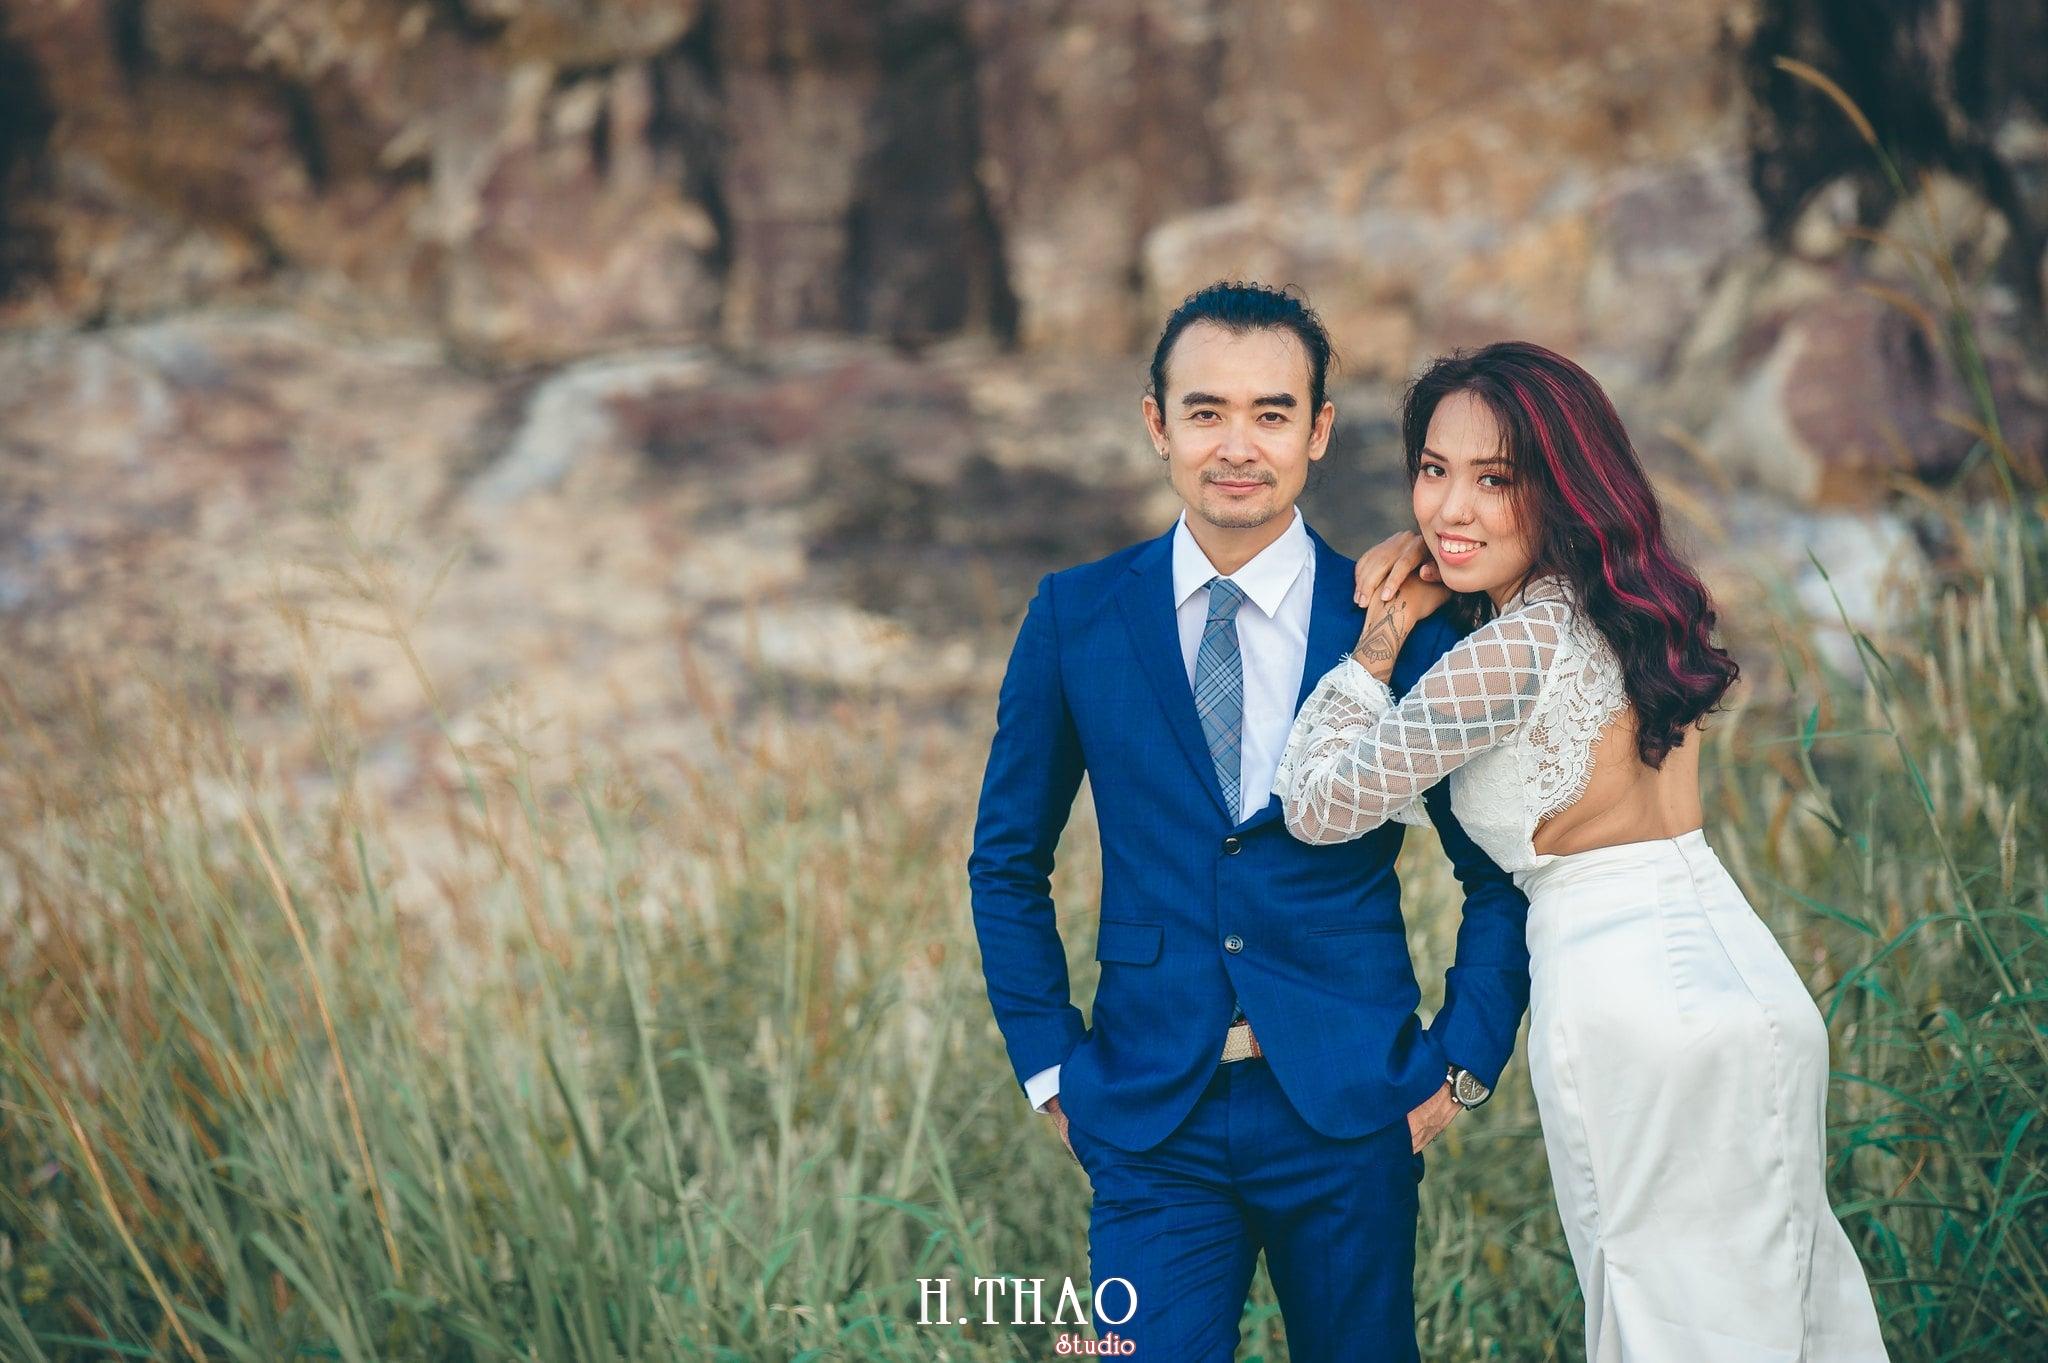 trung zen 4 - Album ảnh cưới chụp theo phong cách tây - HThao Studio